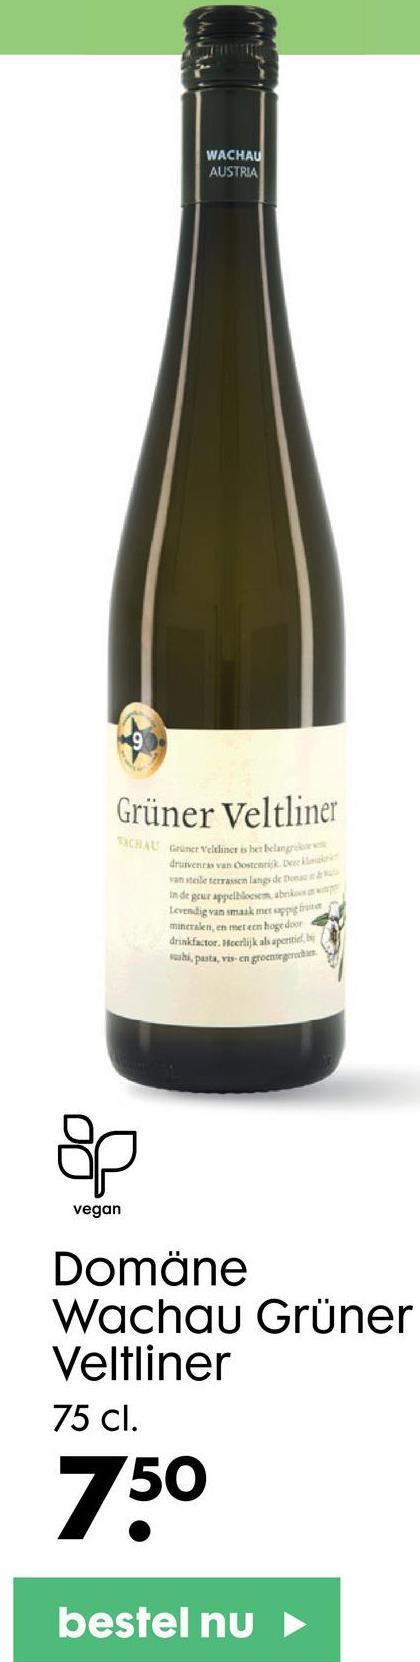 WACHAU AUSTRIA Grüner Veltliner EXCHAL Gruner Veltliner is het belang druivens van Oostenrik antele terrassen langs de in de geur appelleren skot Levendig van smaak merapper mineralen, en met een hoge door drinkfactor. Heerlijk als aperitiedot whi, pusta, vis en groentegerechten & 요 vegan Domäne Wachau Grüner Veltliner 75 cl. 750 bestel nu